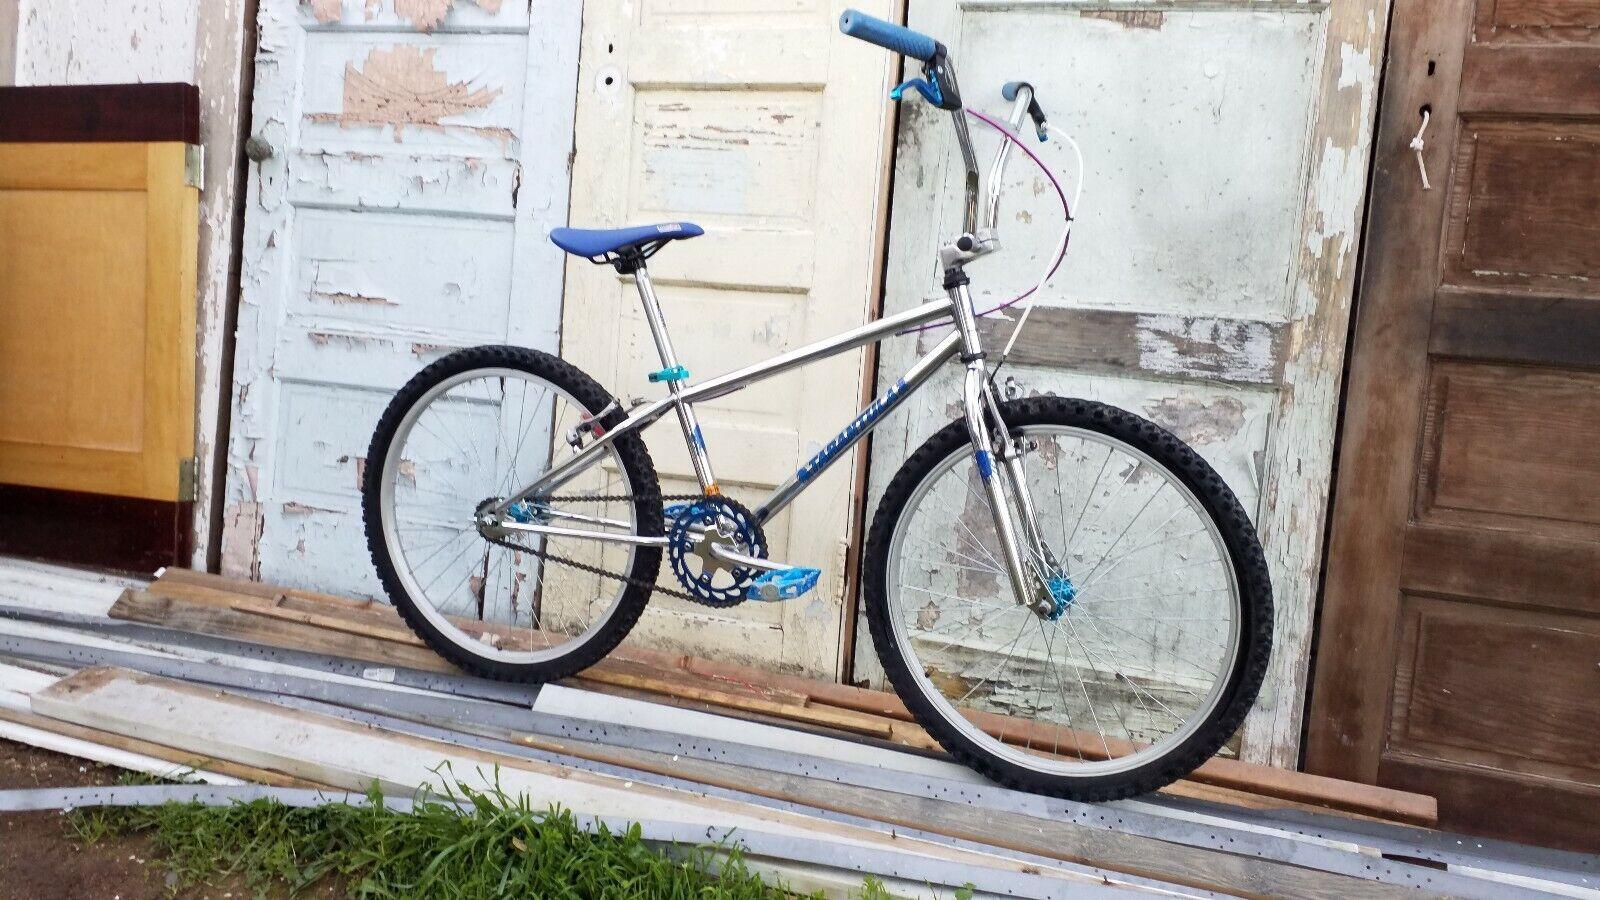 BMX 24 INCH TARANCULA OLD SCHOOL CRUISER